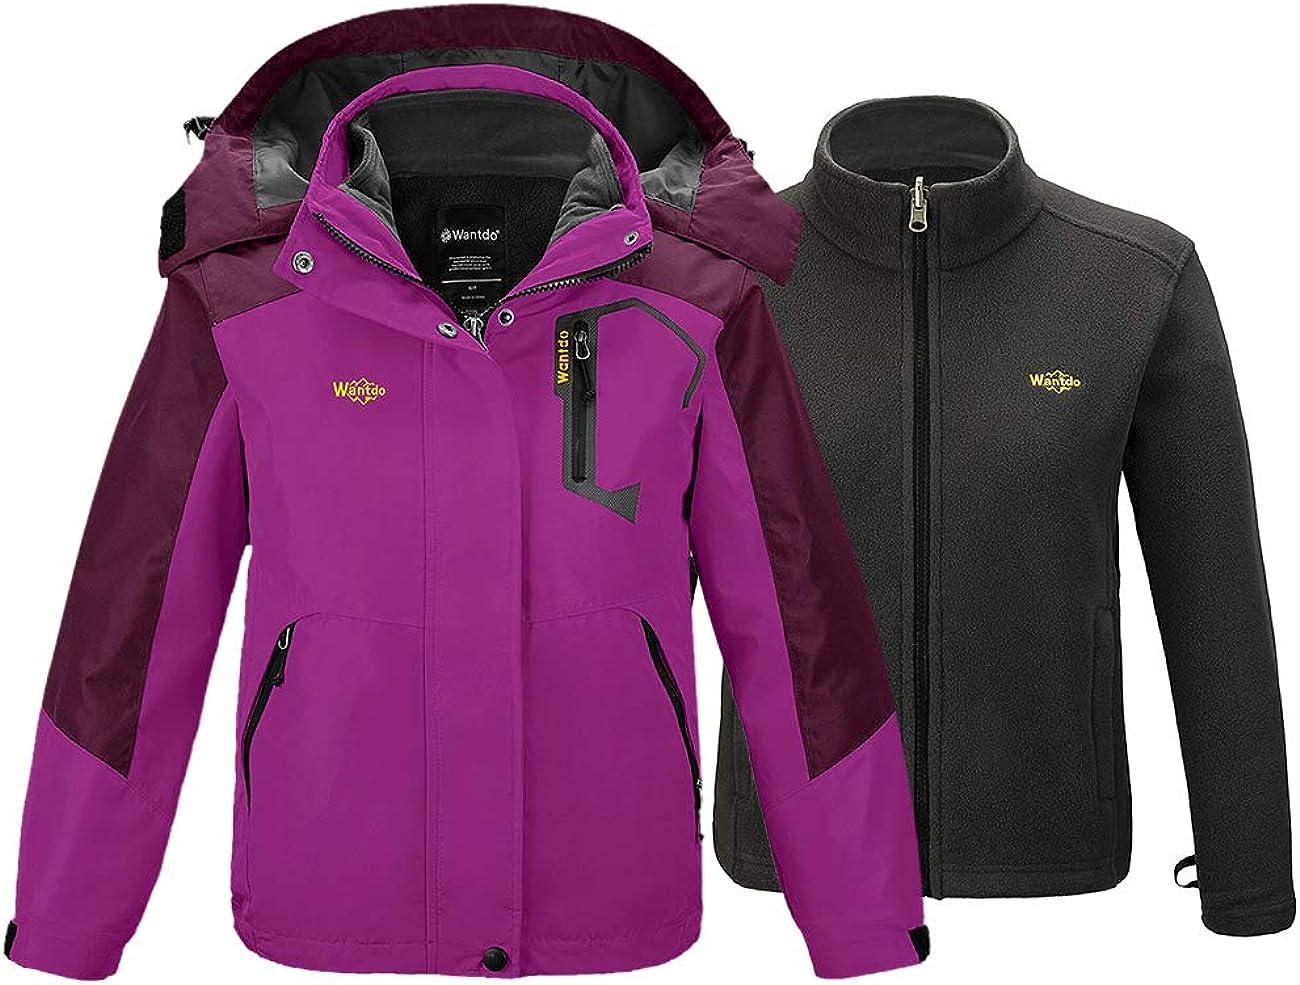 Wantdo Girls 3 in 1 Waterproof Ski Jacket Windproof Warm Fleece Inner Hood Coat